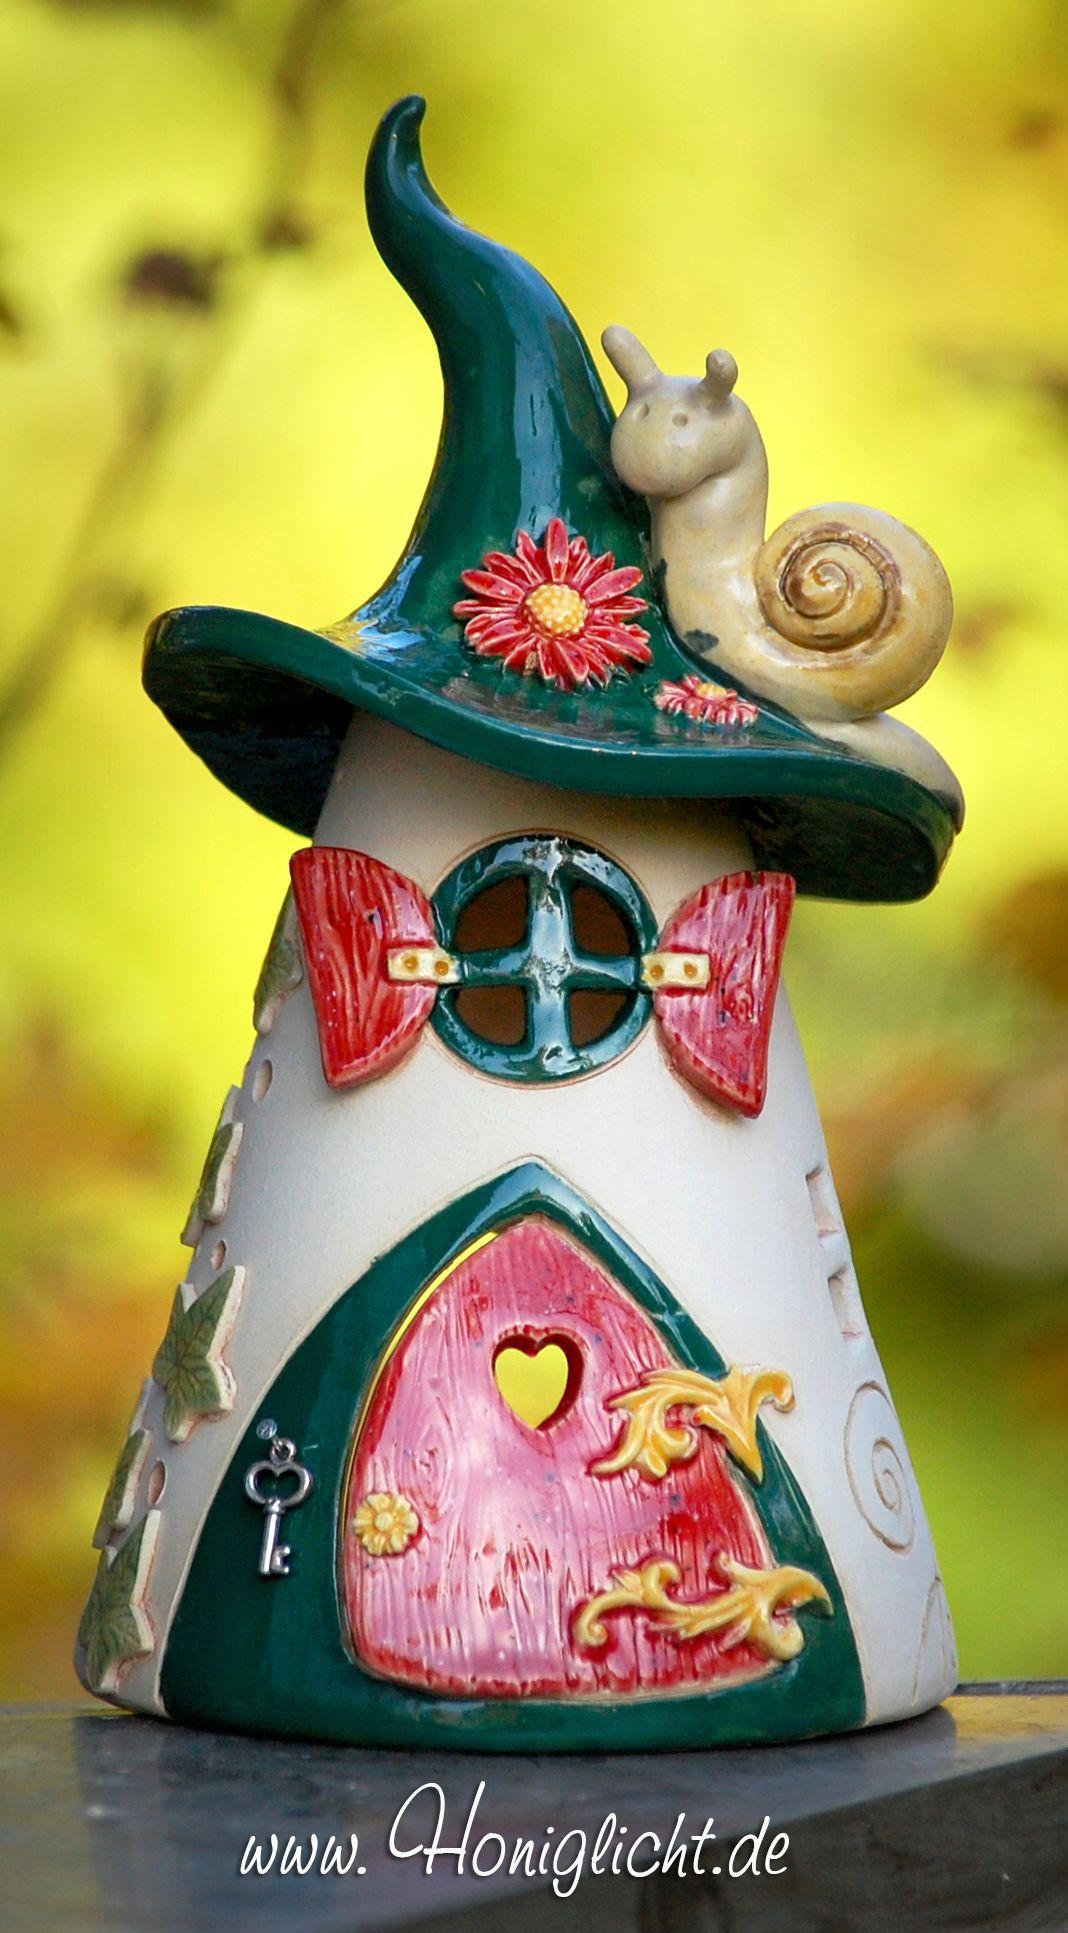 Töpfern Töpferarbeiten, Kunsthandwerk, Keramik projekte